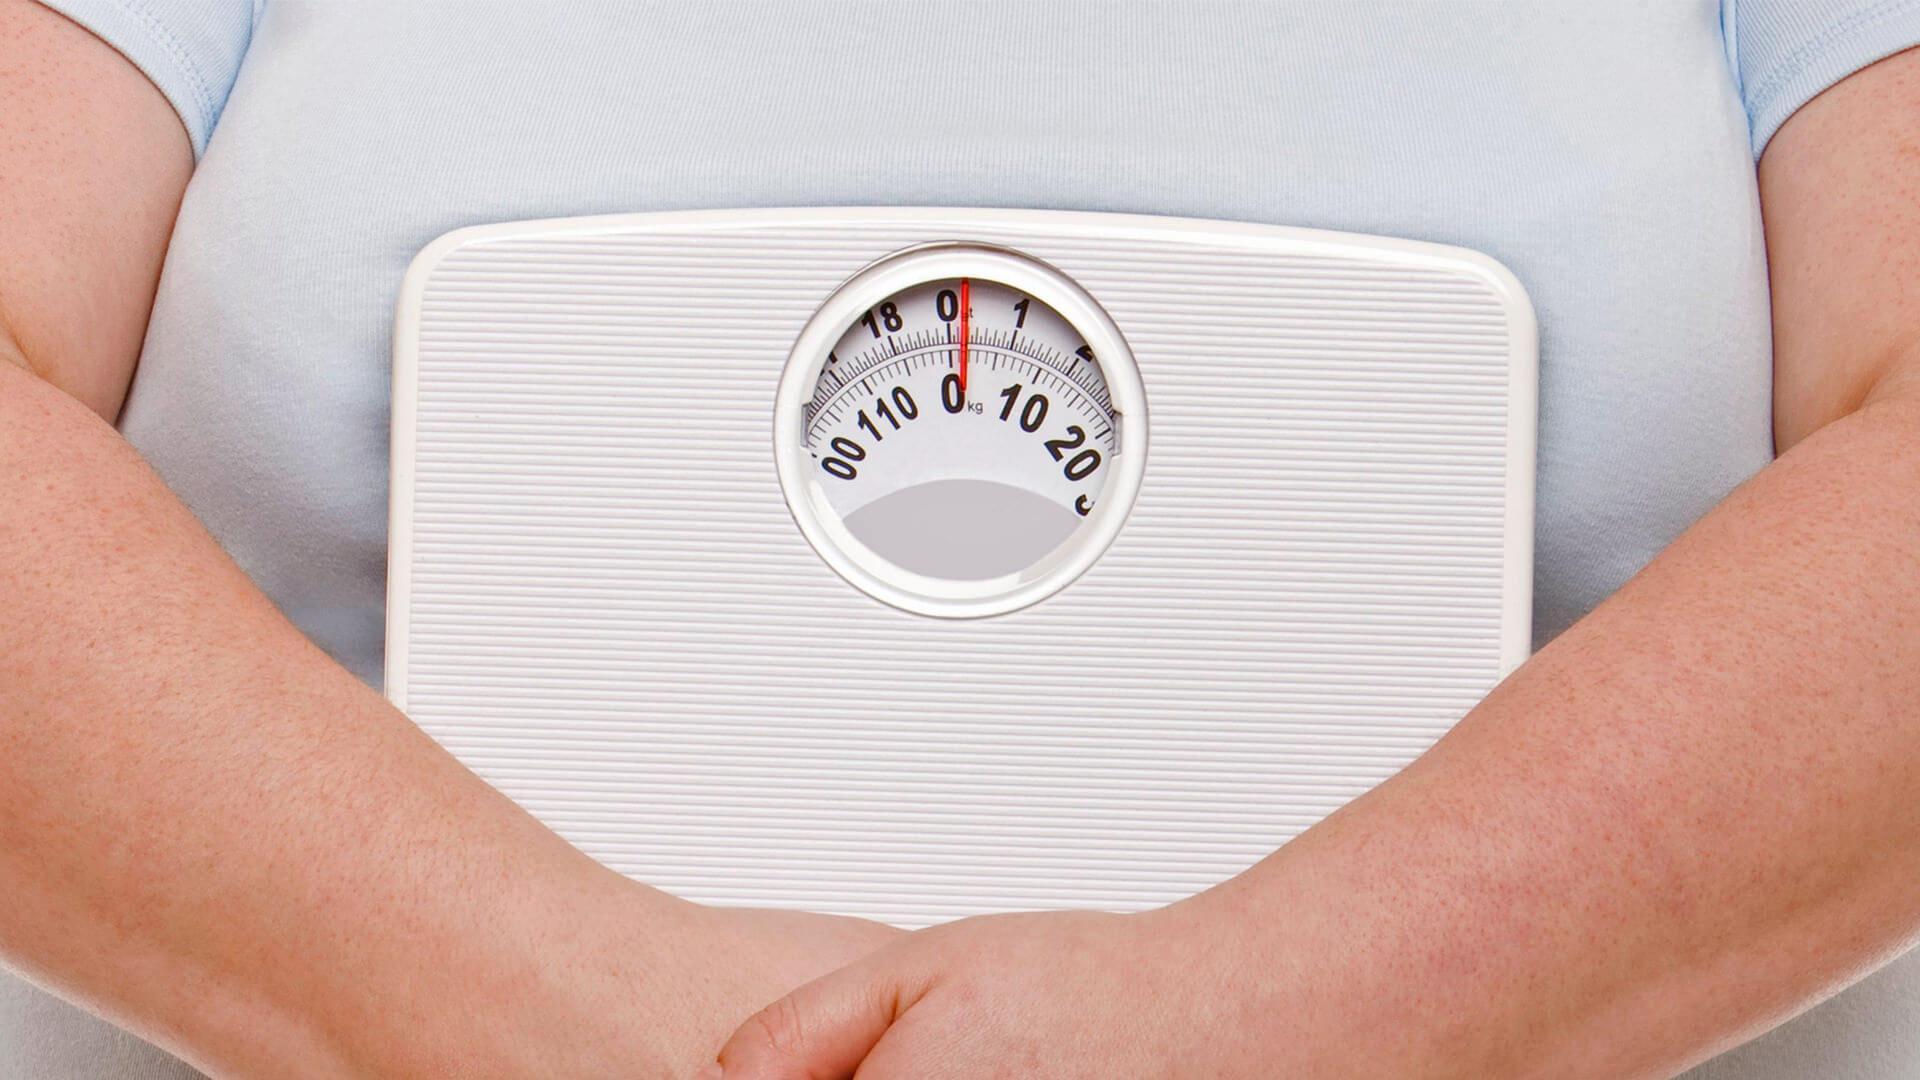 Ожирение связали с низким уровнем антител против коронавируса